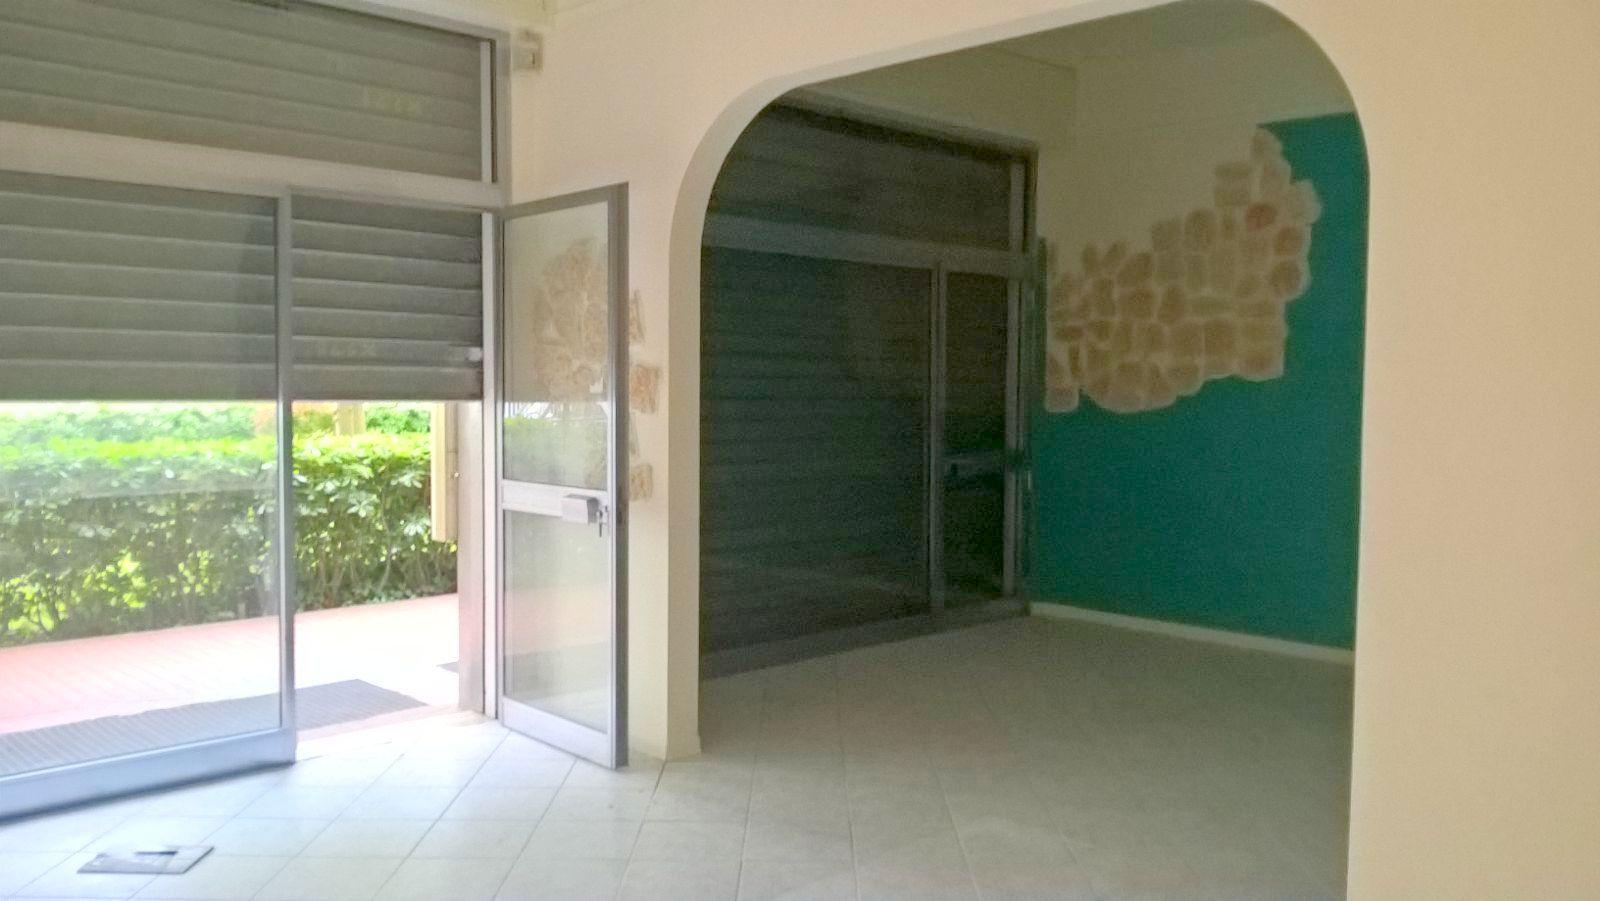 Negozio / Locale in vendita a Riccione, 9999 locali, zona Località: ABISSINIA, prezzo € 130.000 | Cambio Casa.it